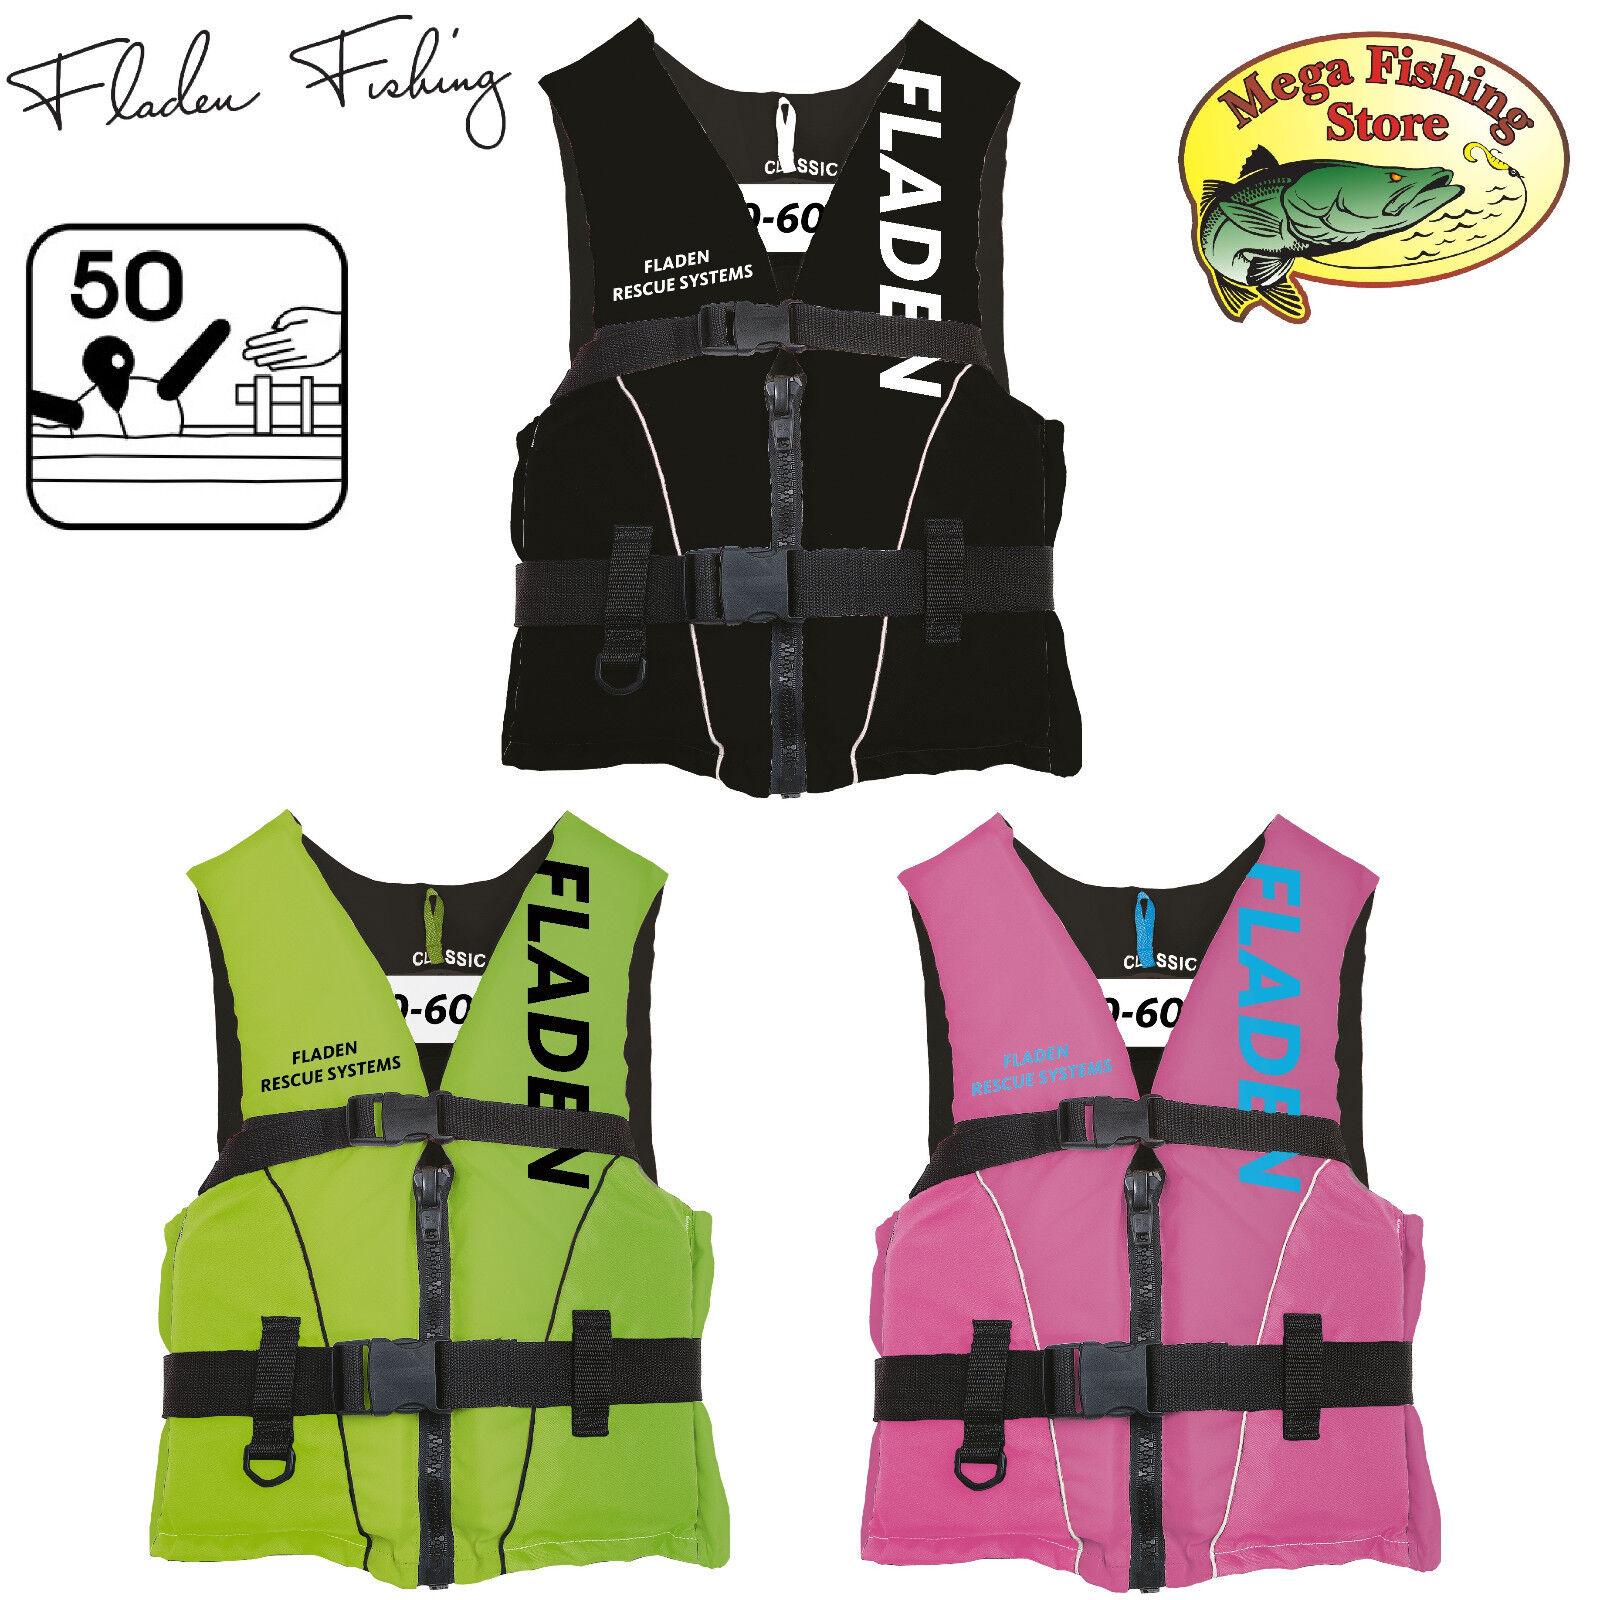 Fladen Rescue System Schwimmweste Kinder & Erwachsene Gr. S - XL (Rettungsweste)